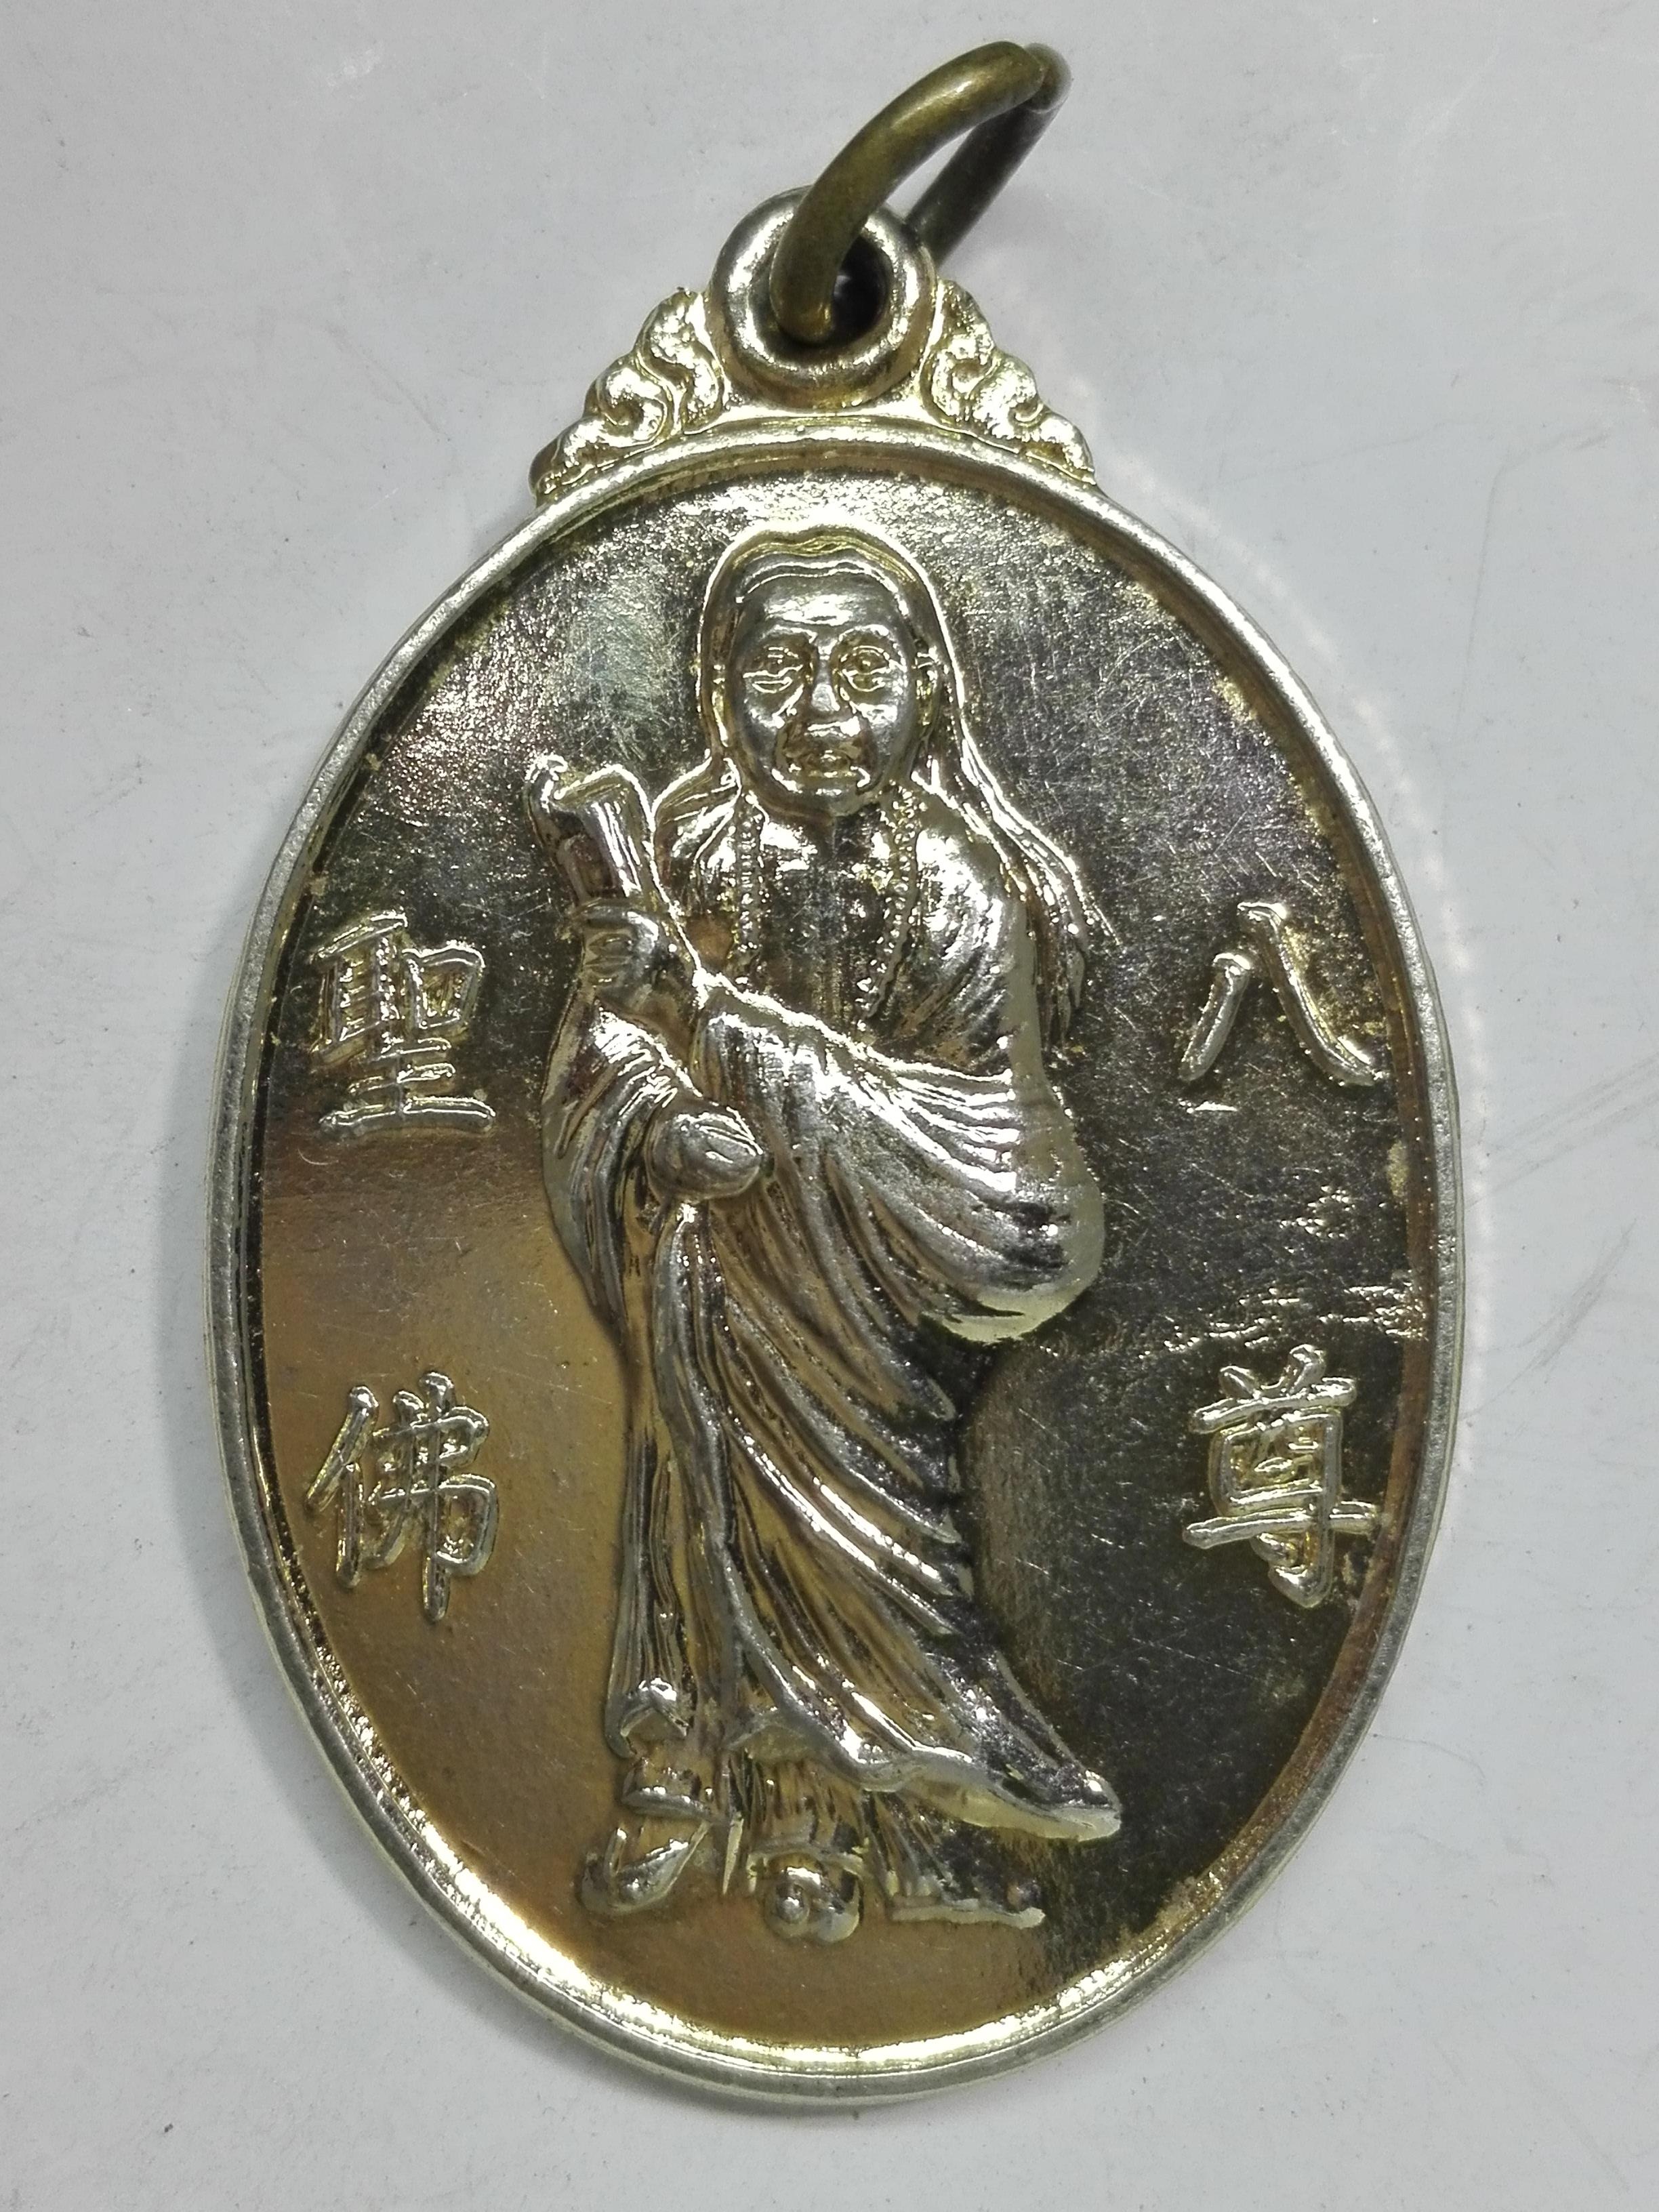 เหรียญ ฮ้อเฮียฮุ้นเซี้ยโจ้ว (กะไหล่ทอง)